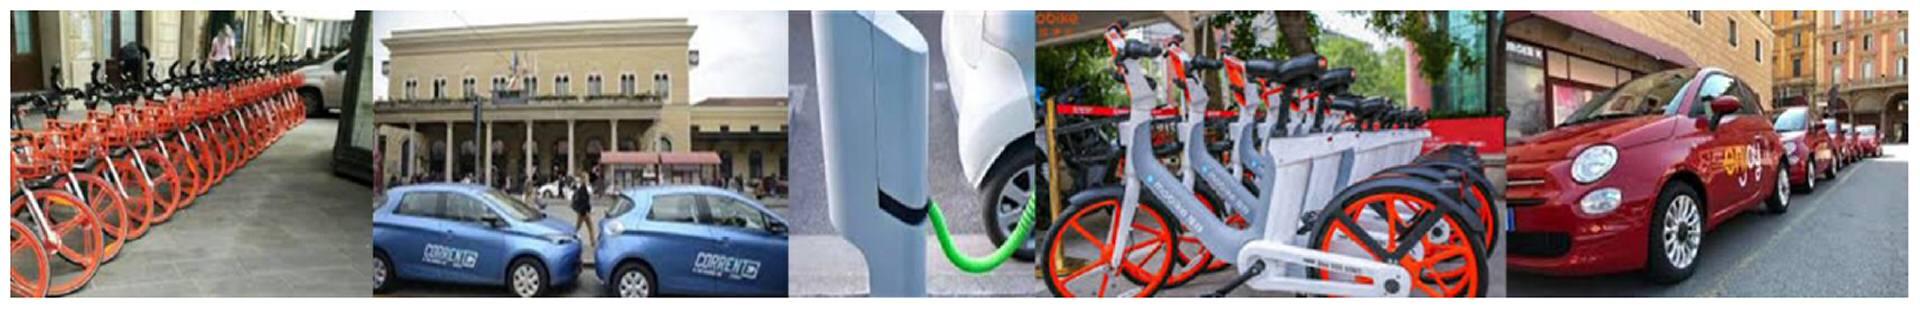 Mobilità innovativa